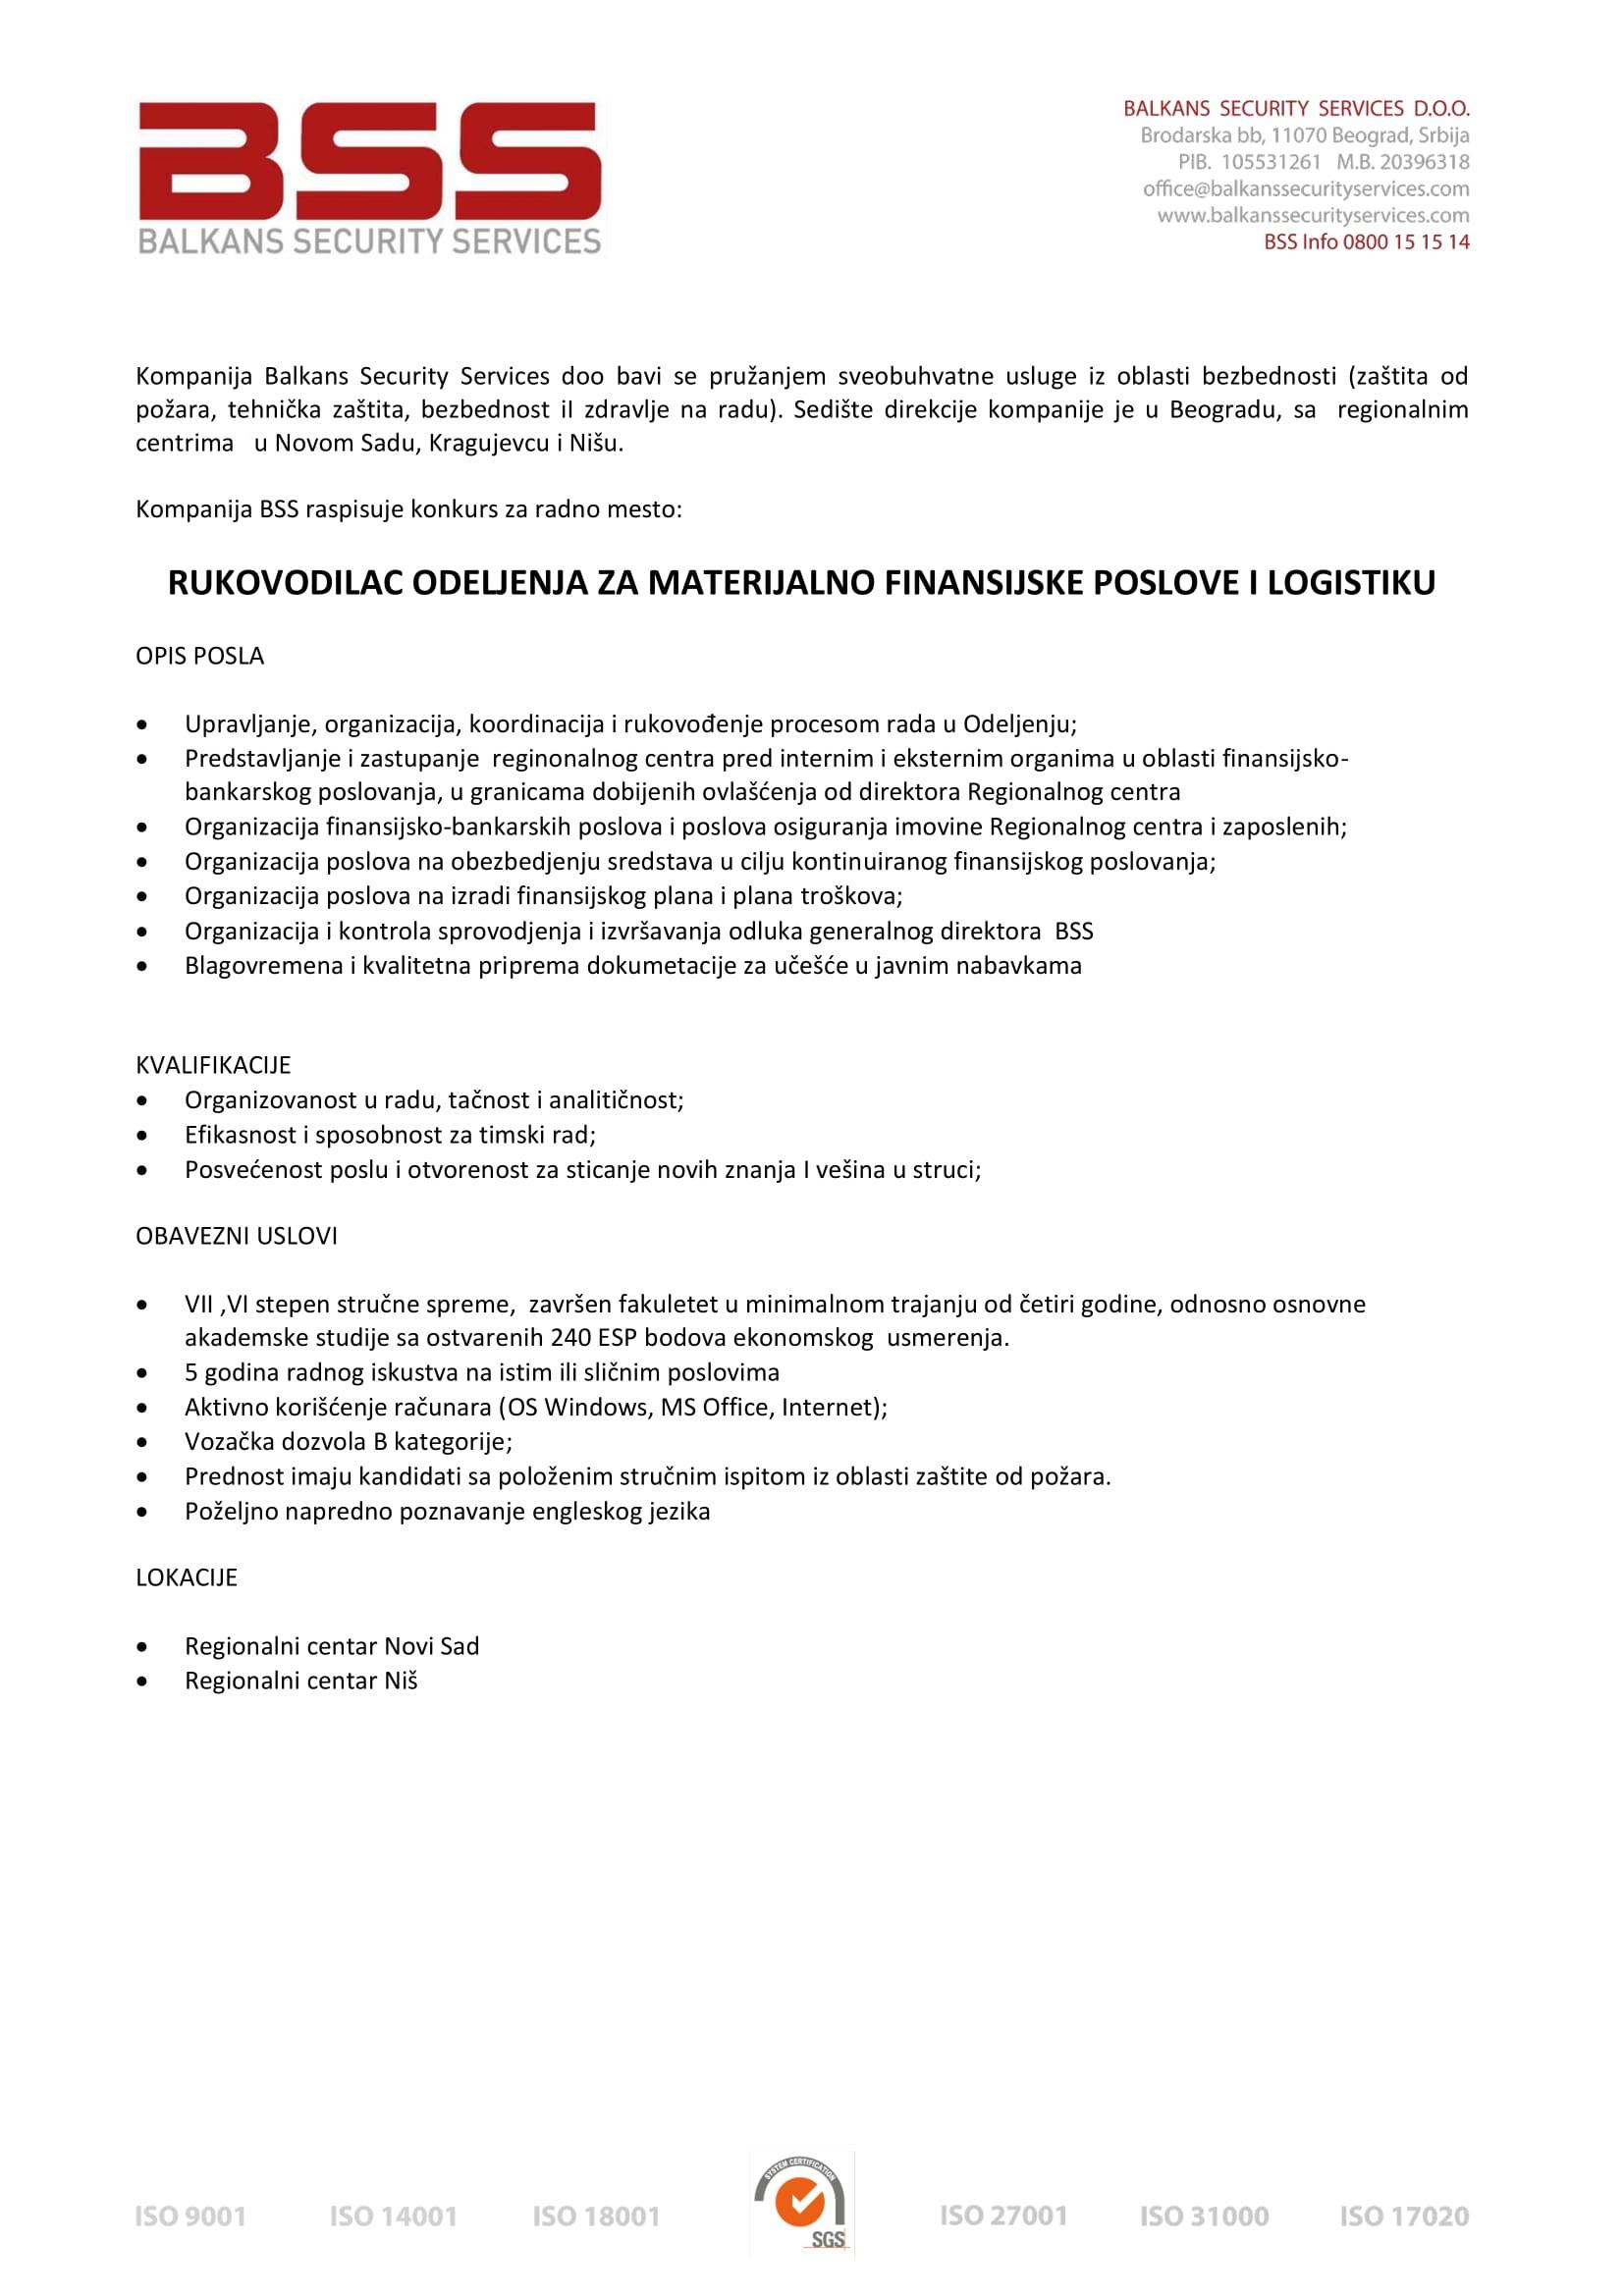 Rukovodilac odeljenja za materijalno finansijske poslove i logistiku